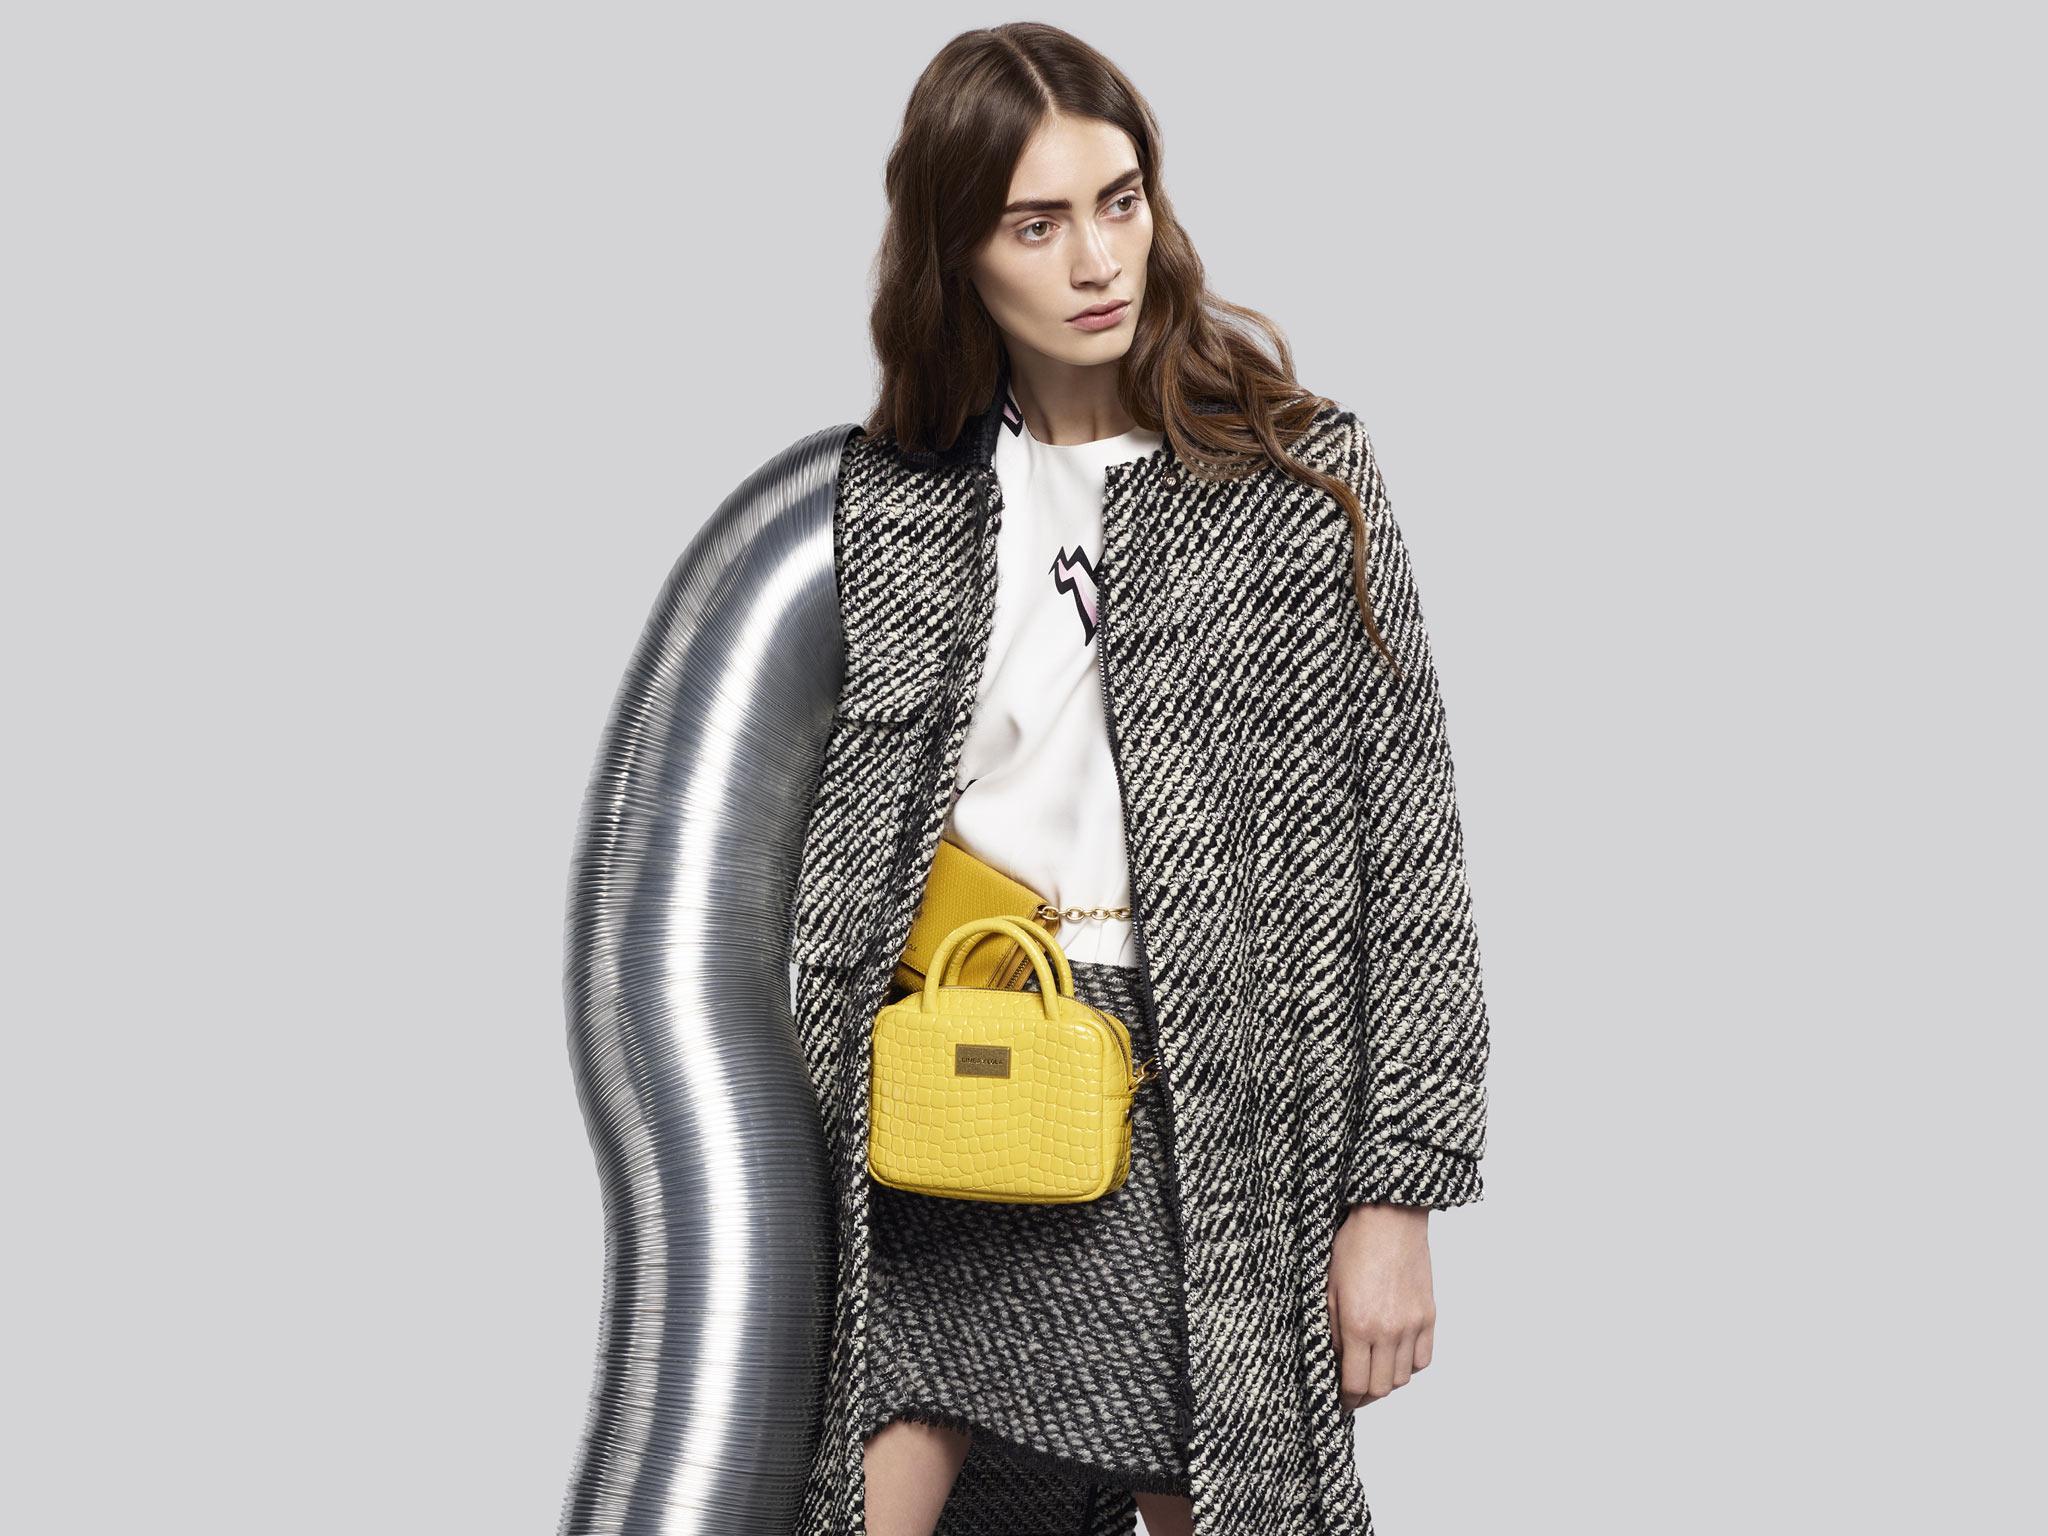 10 Best Spanish Fashion Brands